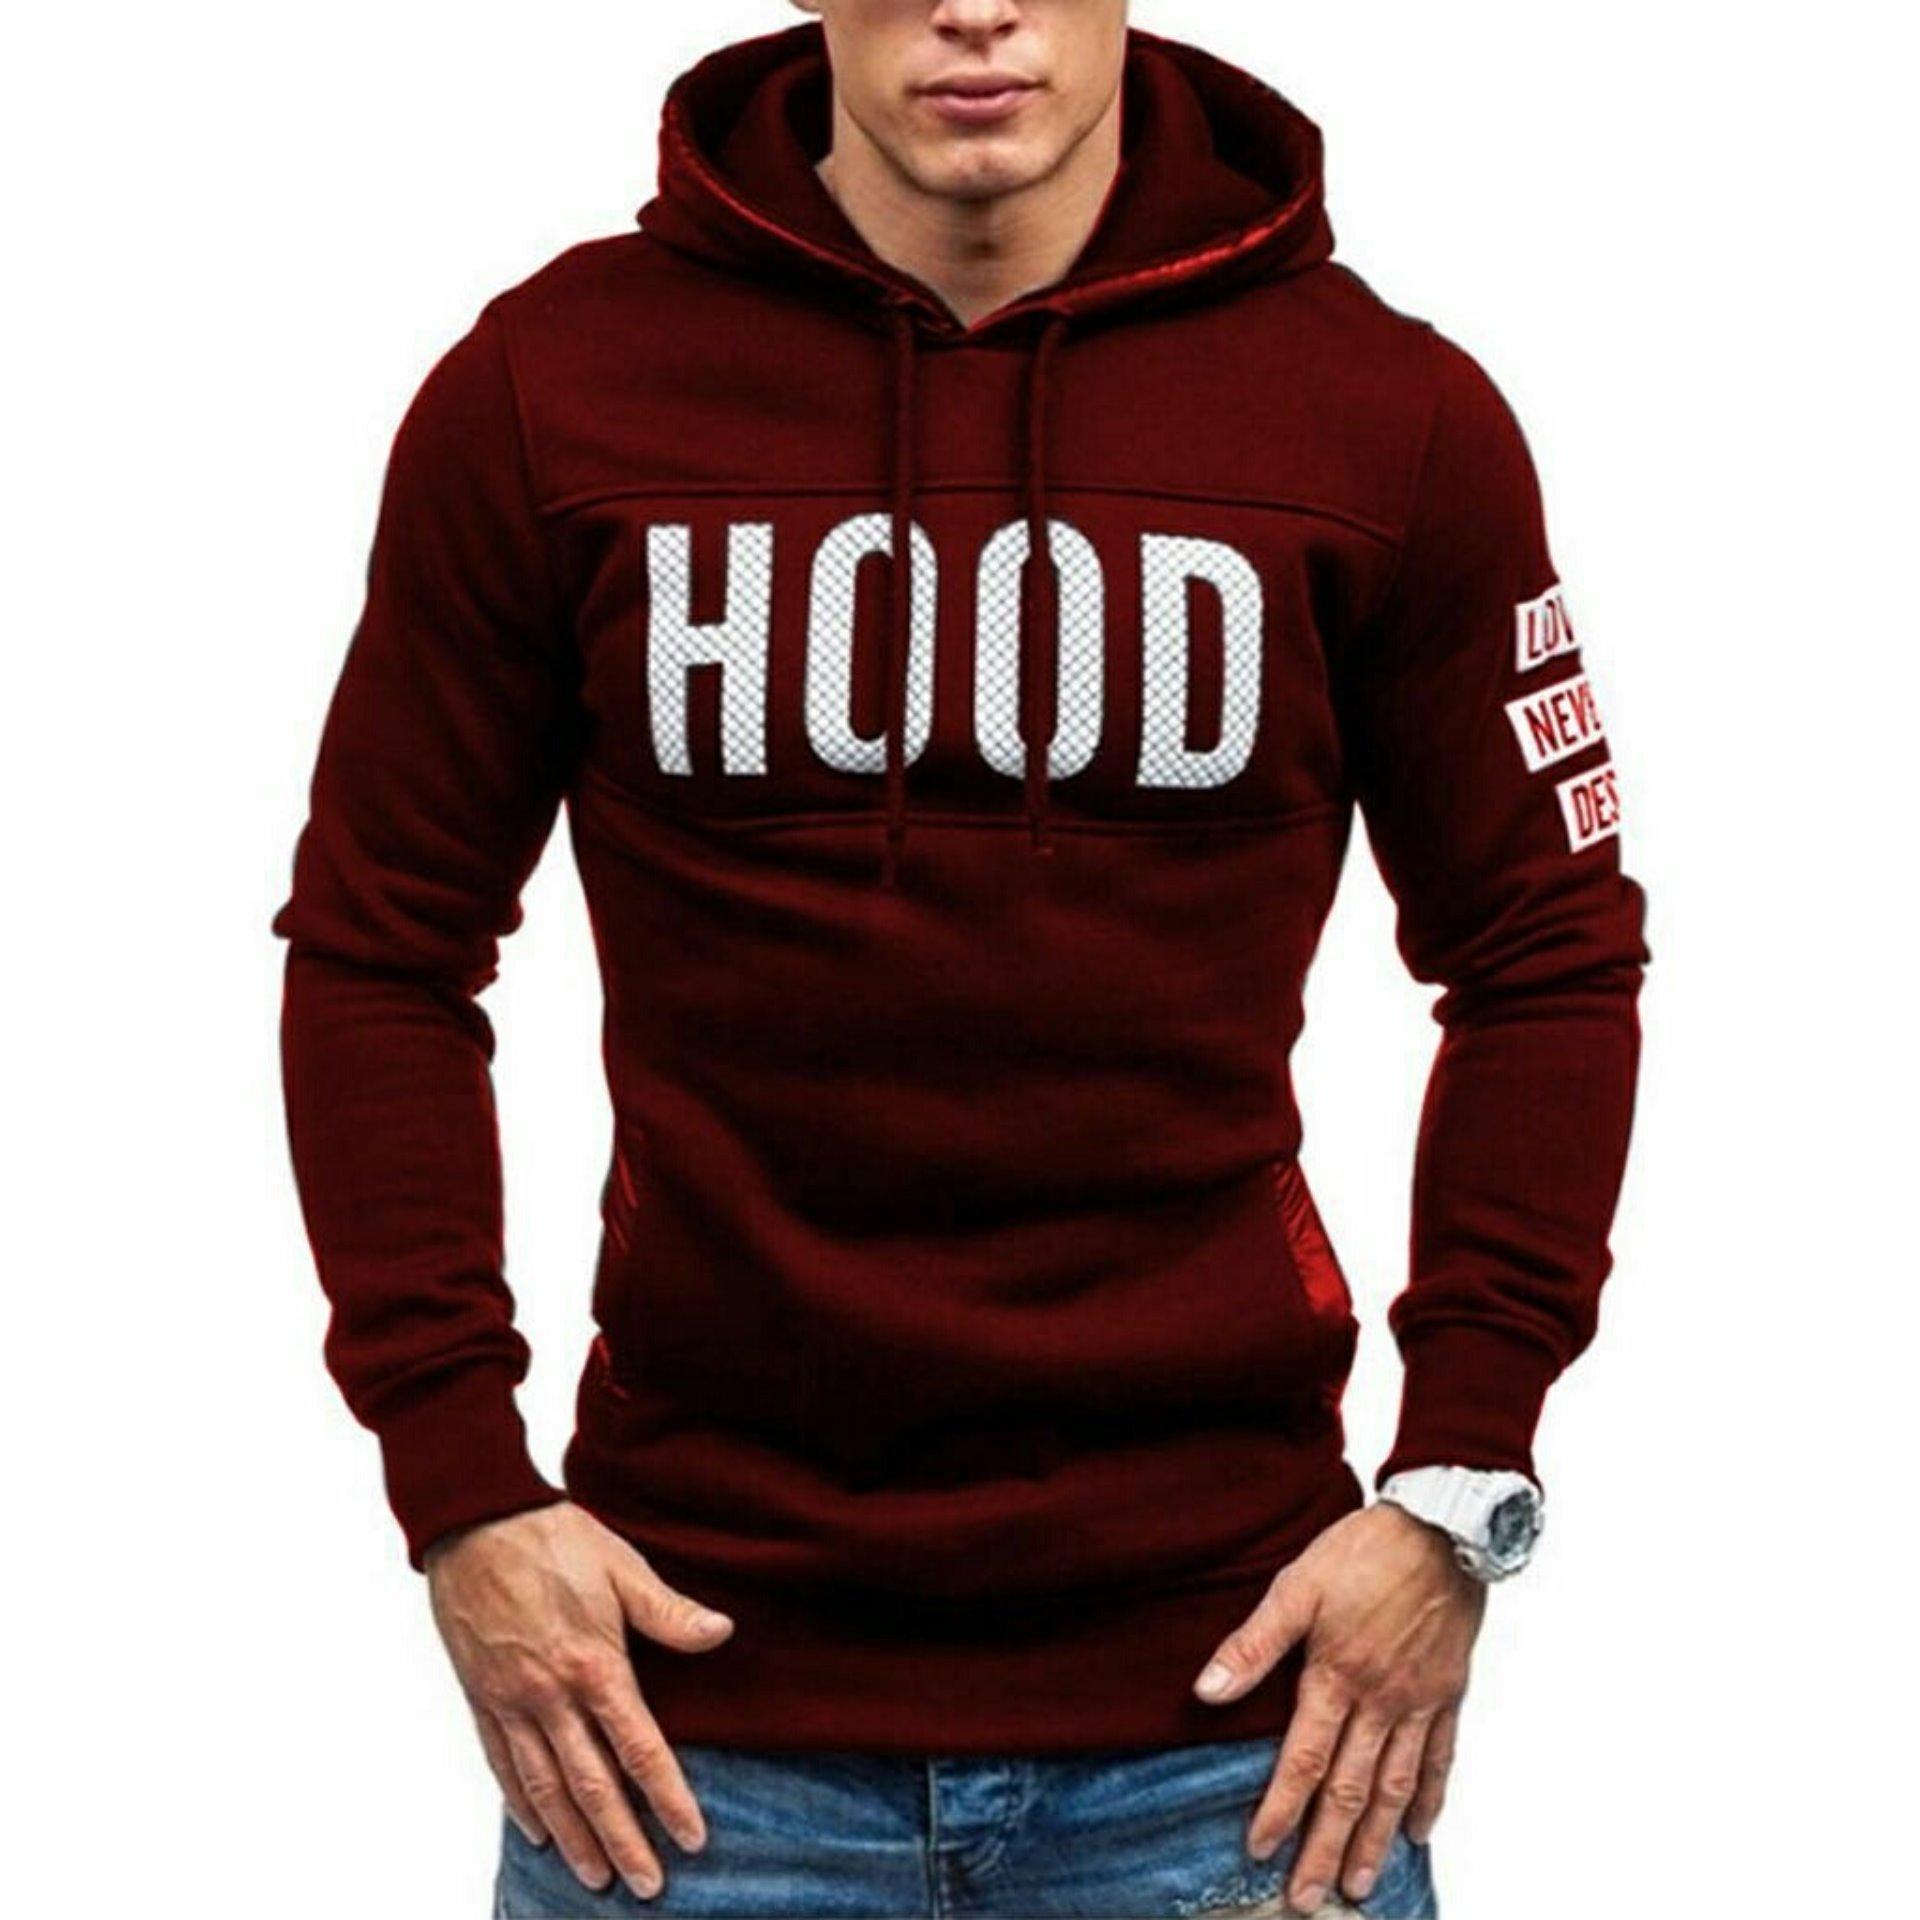 Kelebihan T Os Sweater Hoodie Kaktus Terkini Daftar Harga Dan Wanita Pakaian Hangat Pria Hood Man